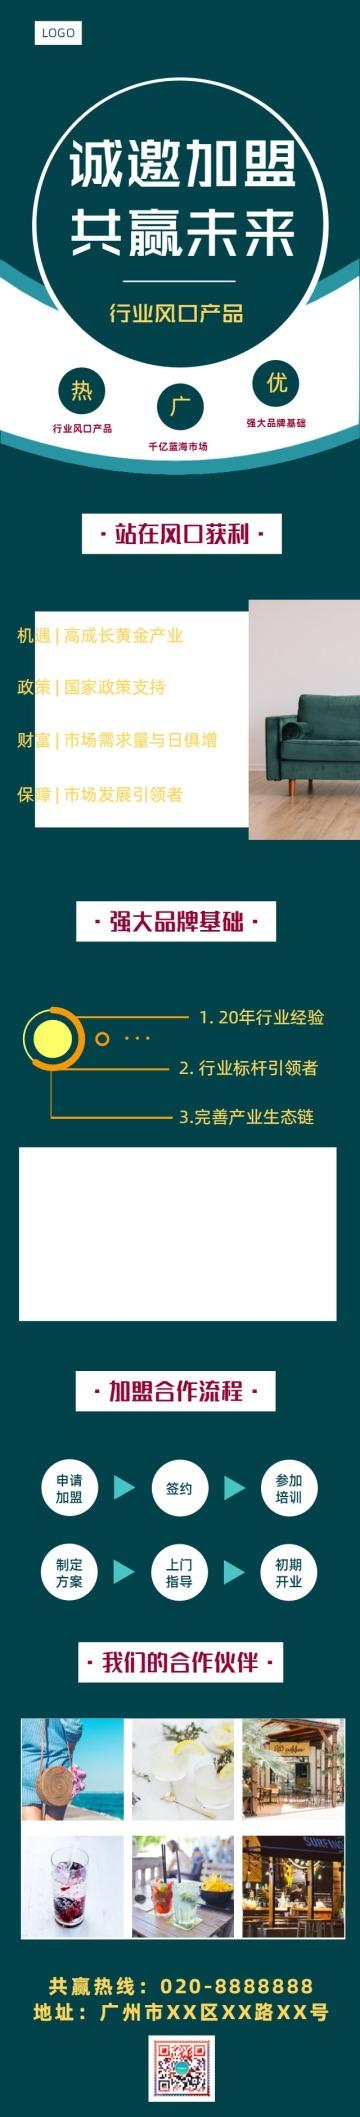 建材家居地产招商加盟企业公司店铺宣传推广绿色简约大气长图